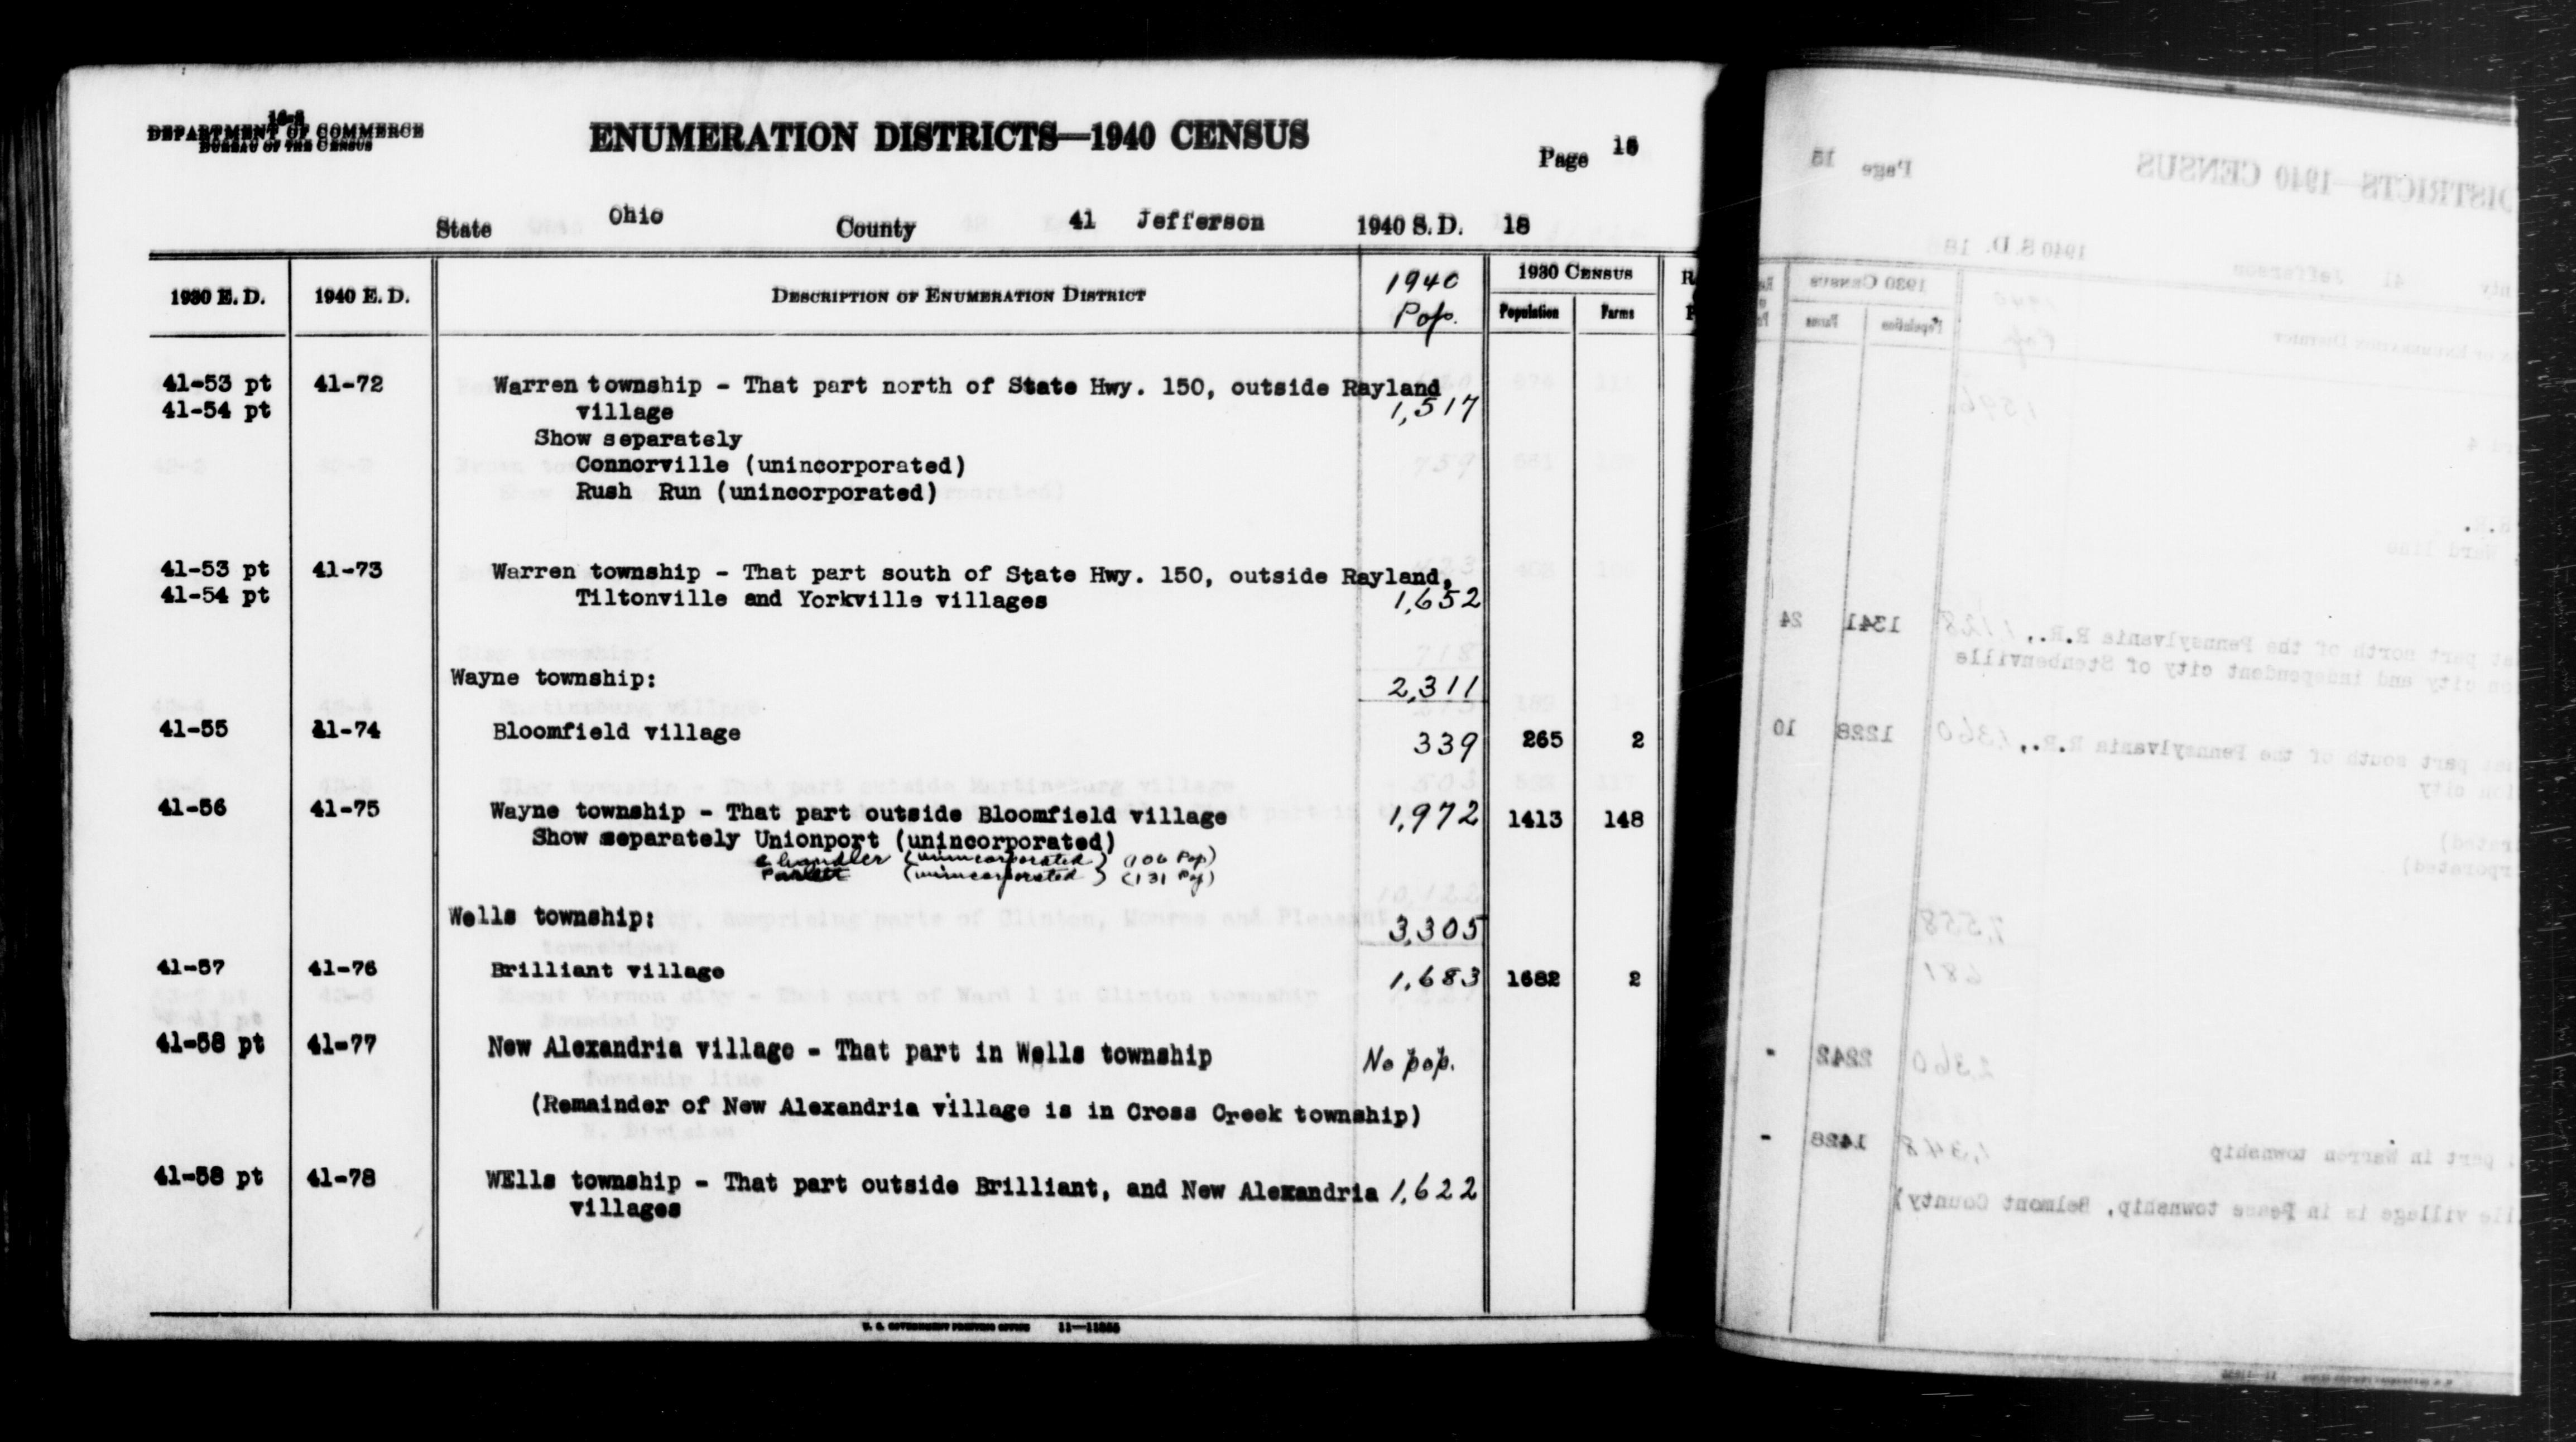 1940 Census Enumeration District Descriptions - Ohio - Jefferson County - ED 41-72, ED 41-73, ED 41-74, ED 41-75, ED 41-76, ED 41-77, ED 41-78